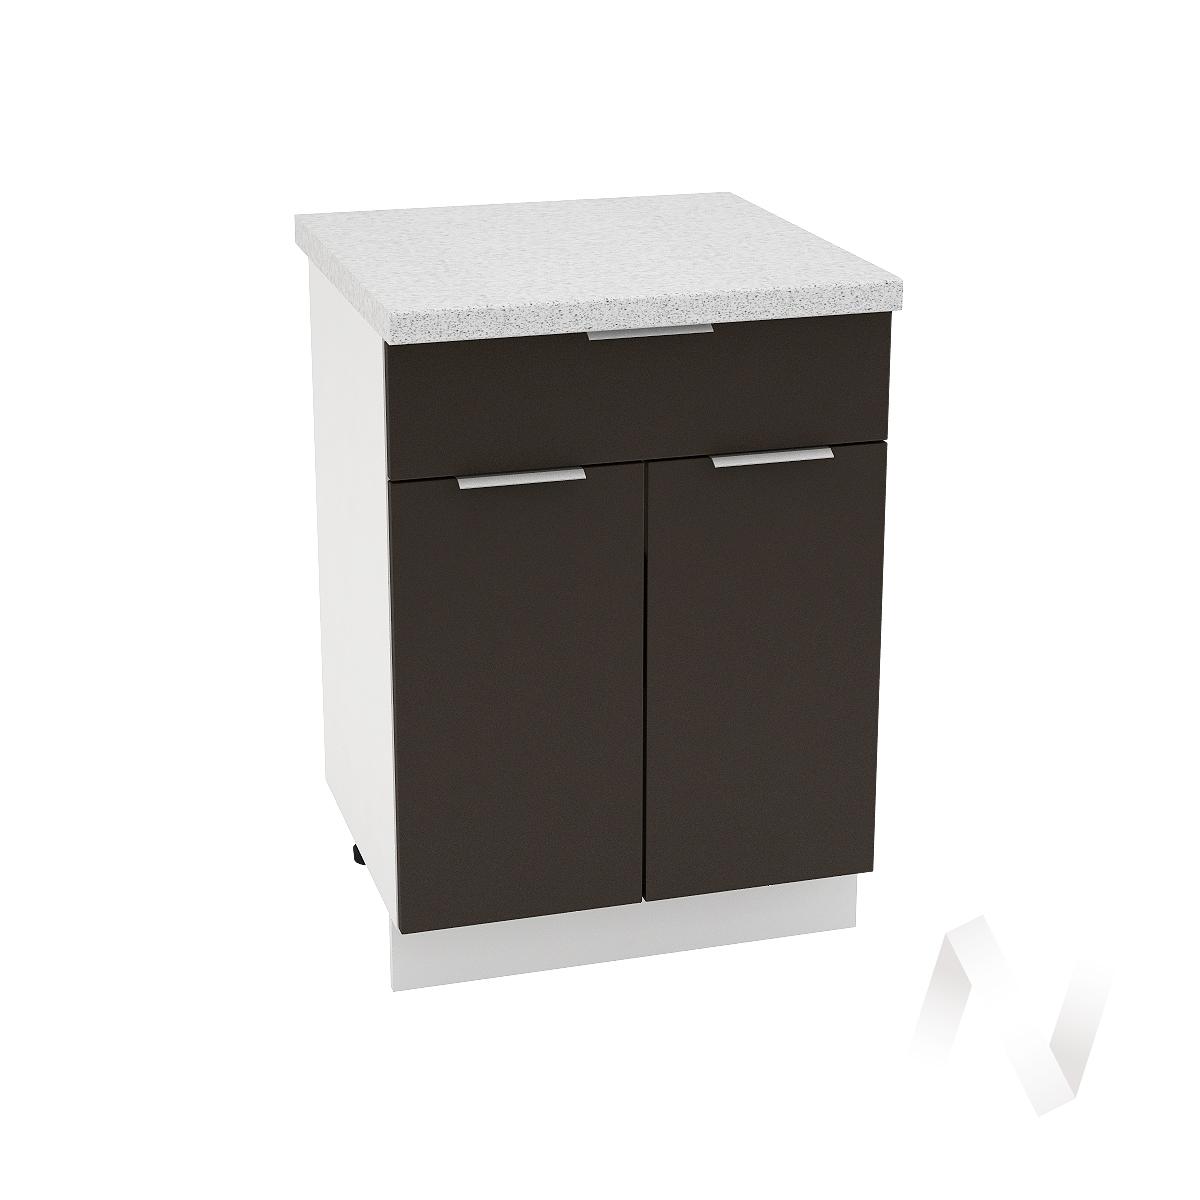 """Кухня """"Терра"""": Шкаф нижний с ящиком 600, ШН1Я 600 М (смоки софт/корпус белый)"""